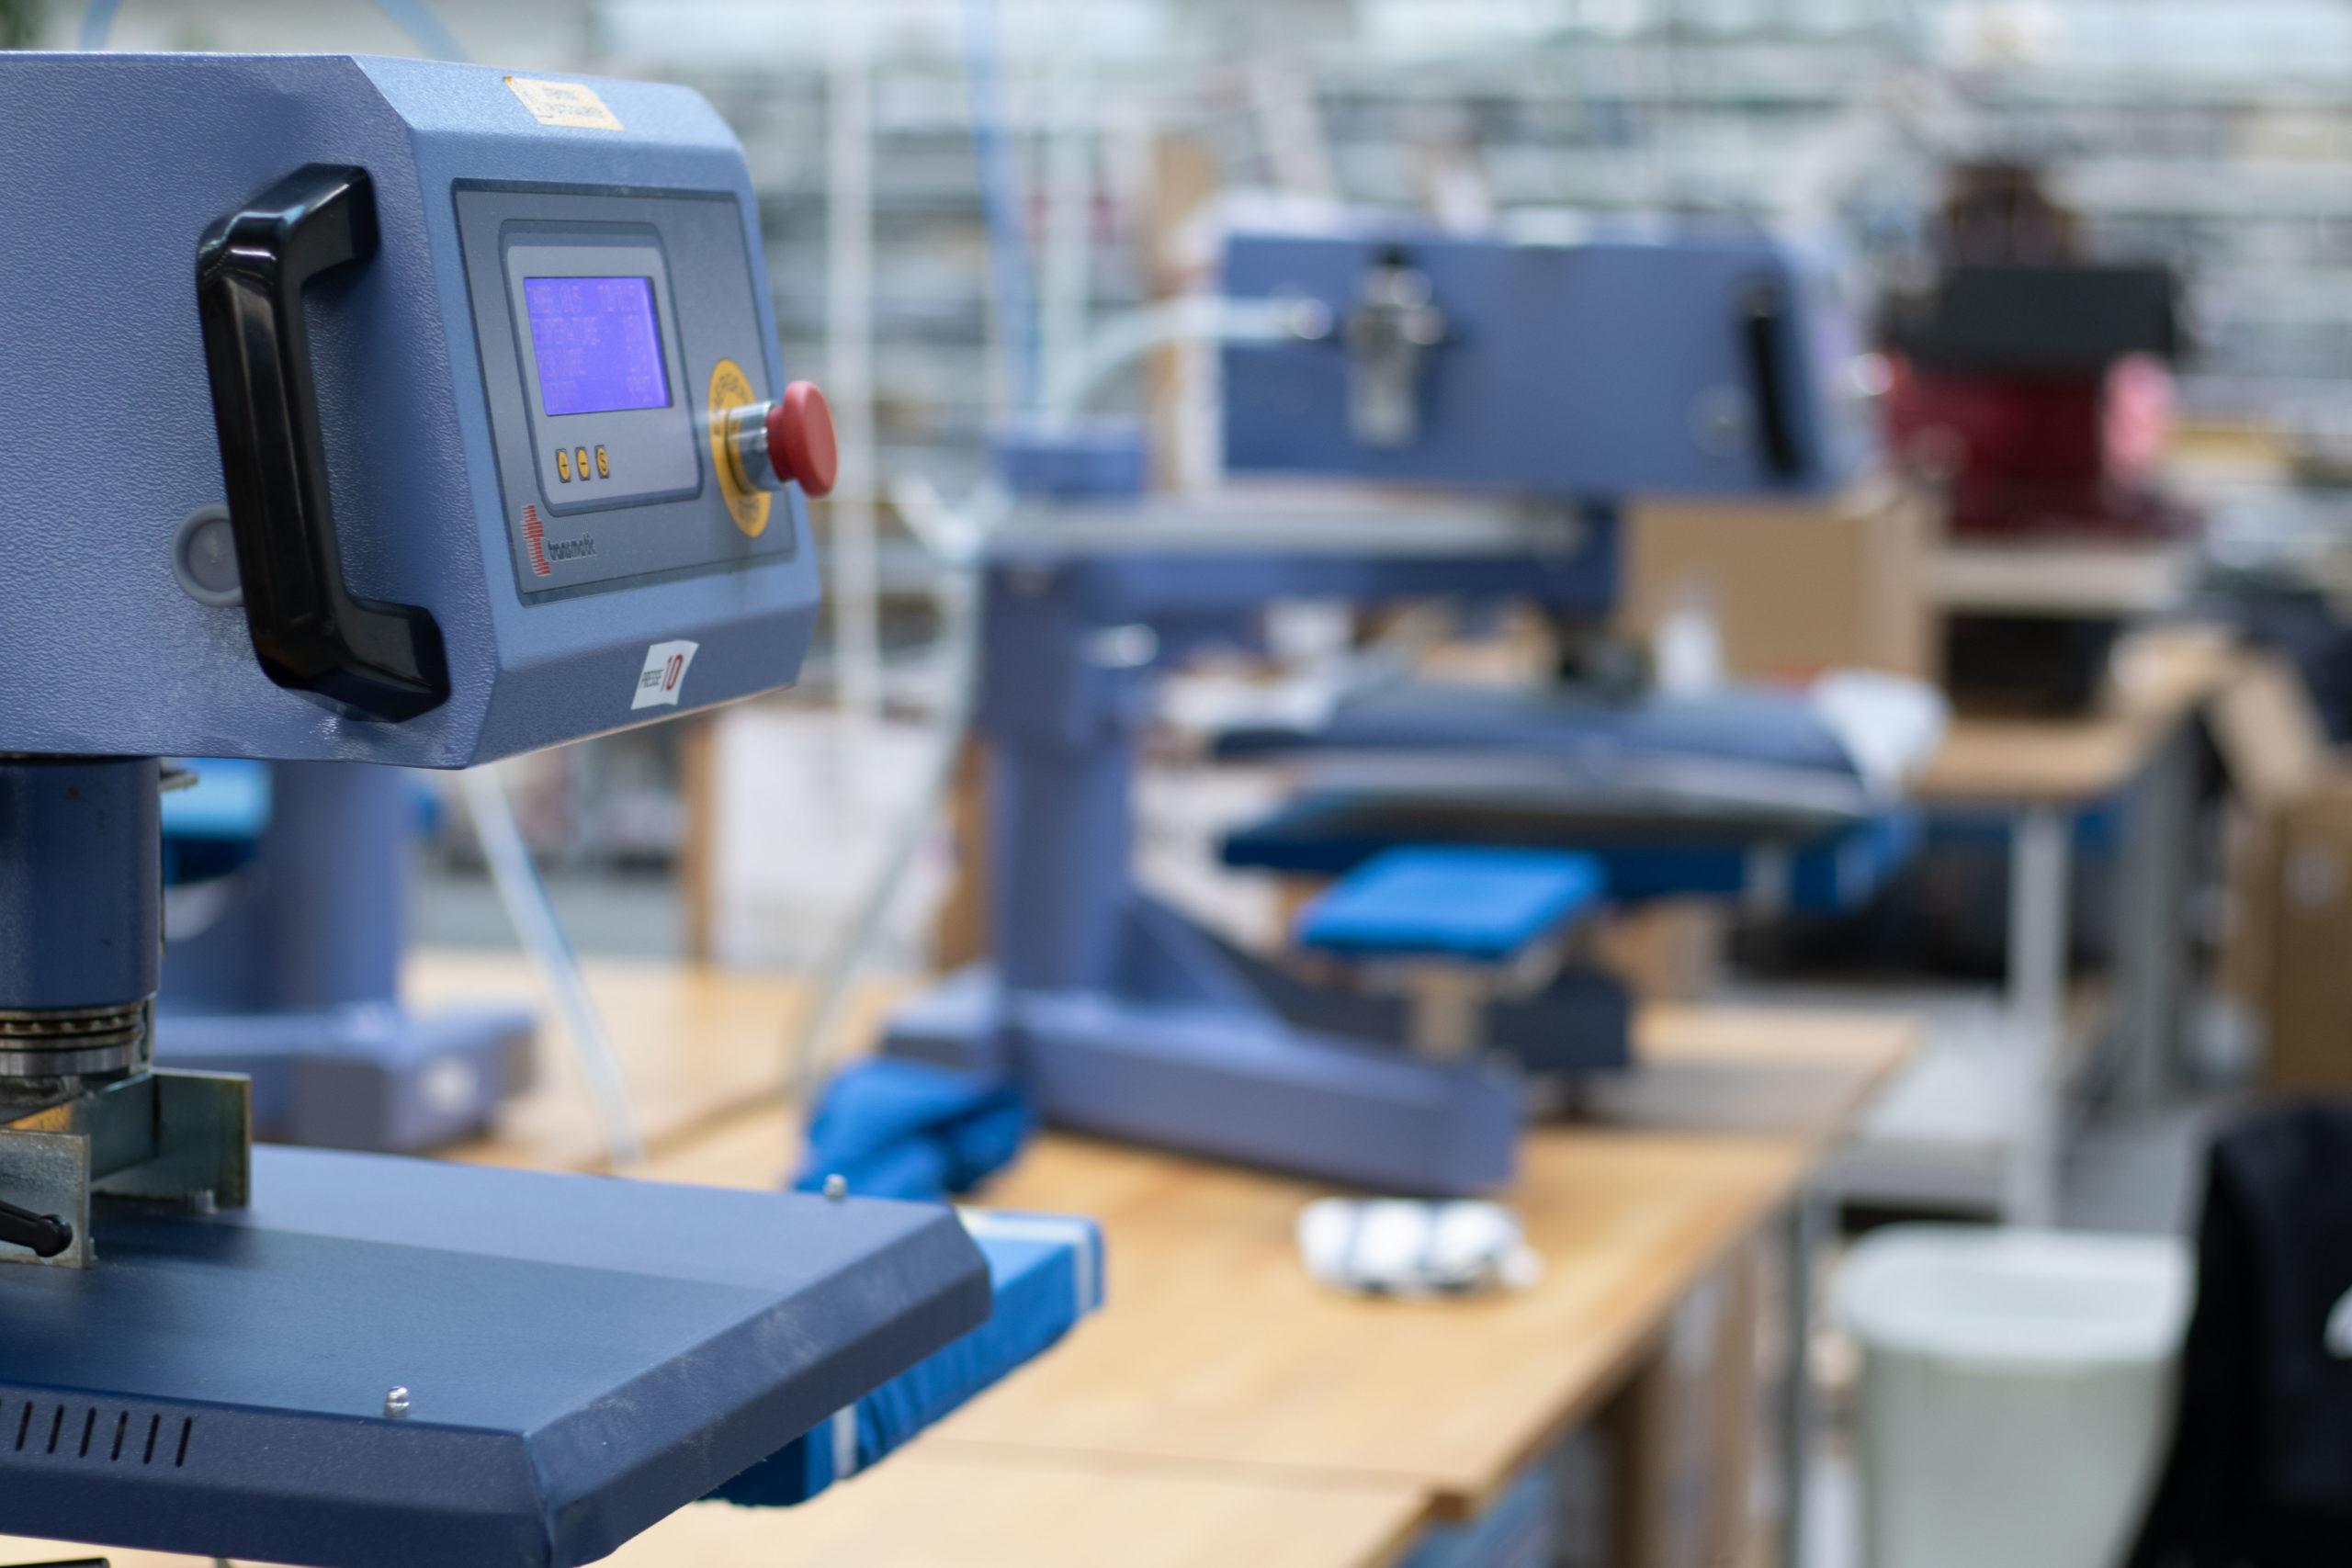 Transferpresse in einer Produktionshalle